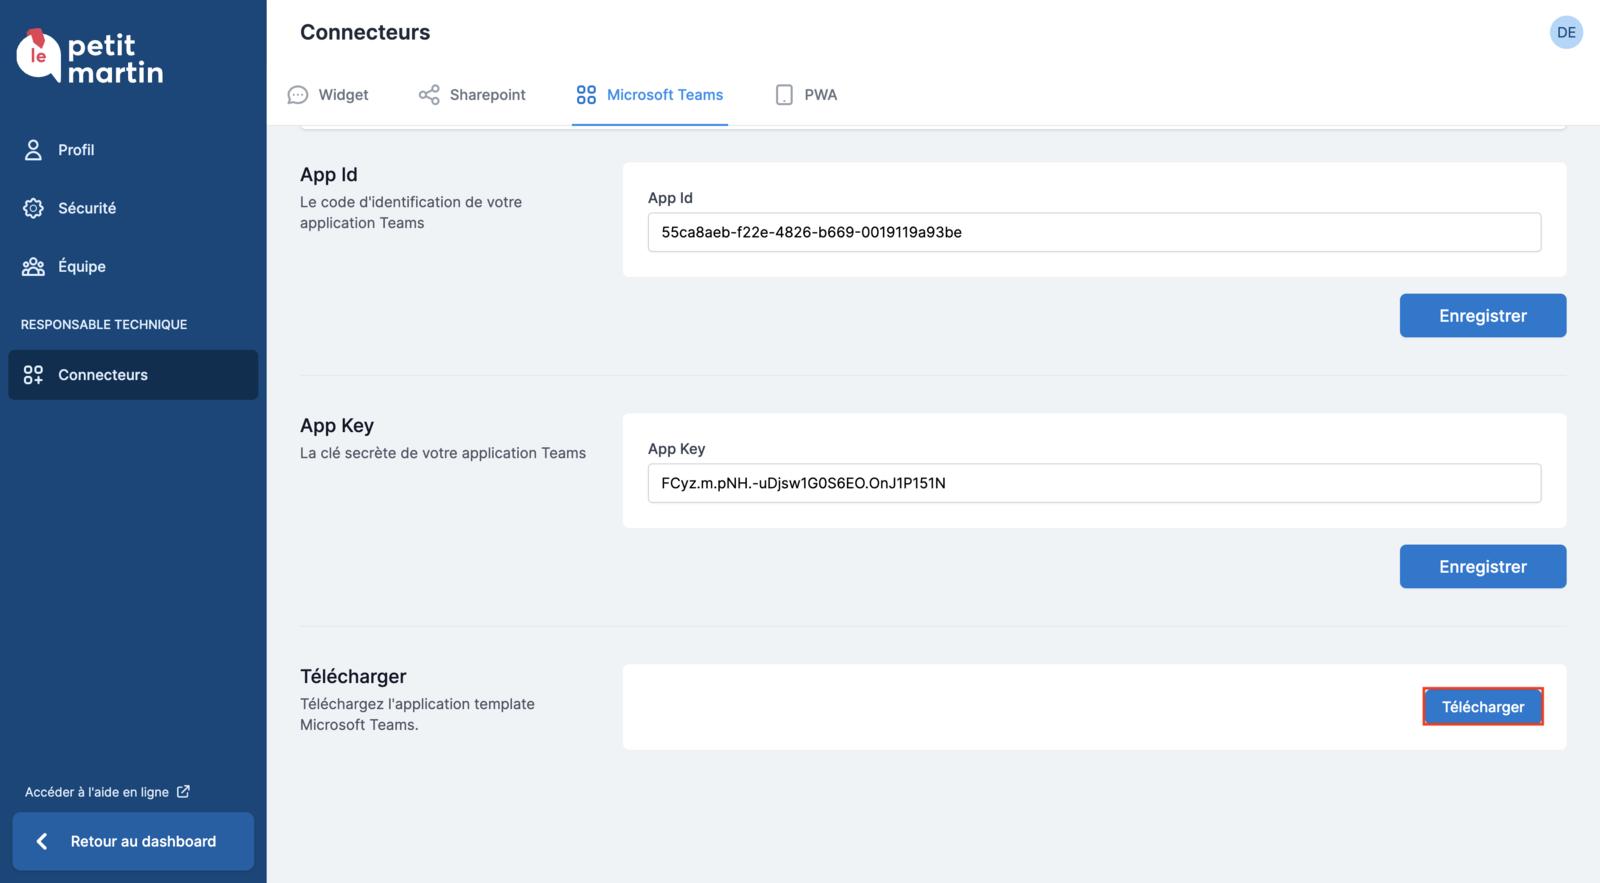 Téléchargement de l'application template Microsoft Teams